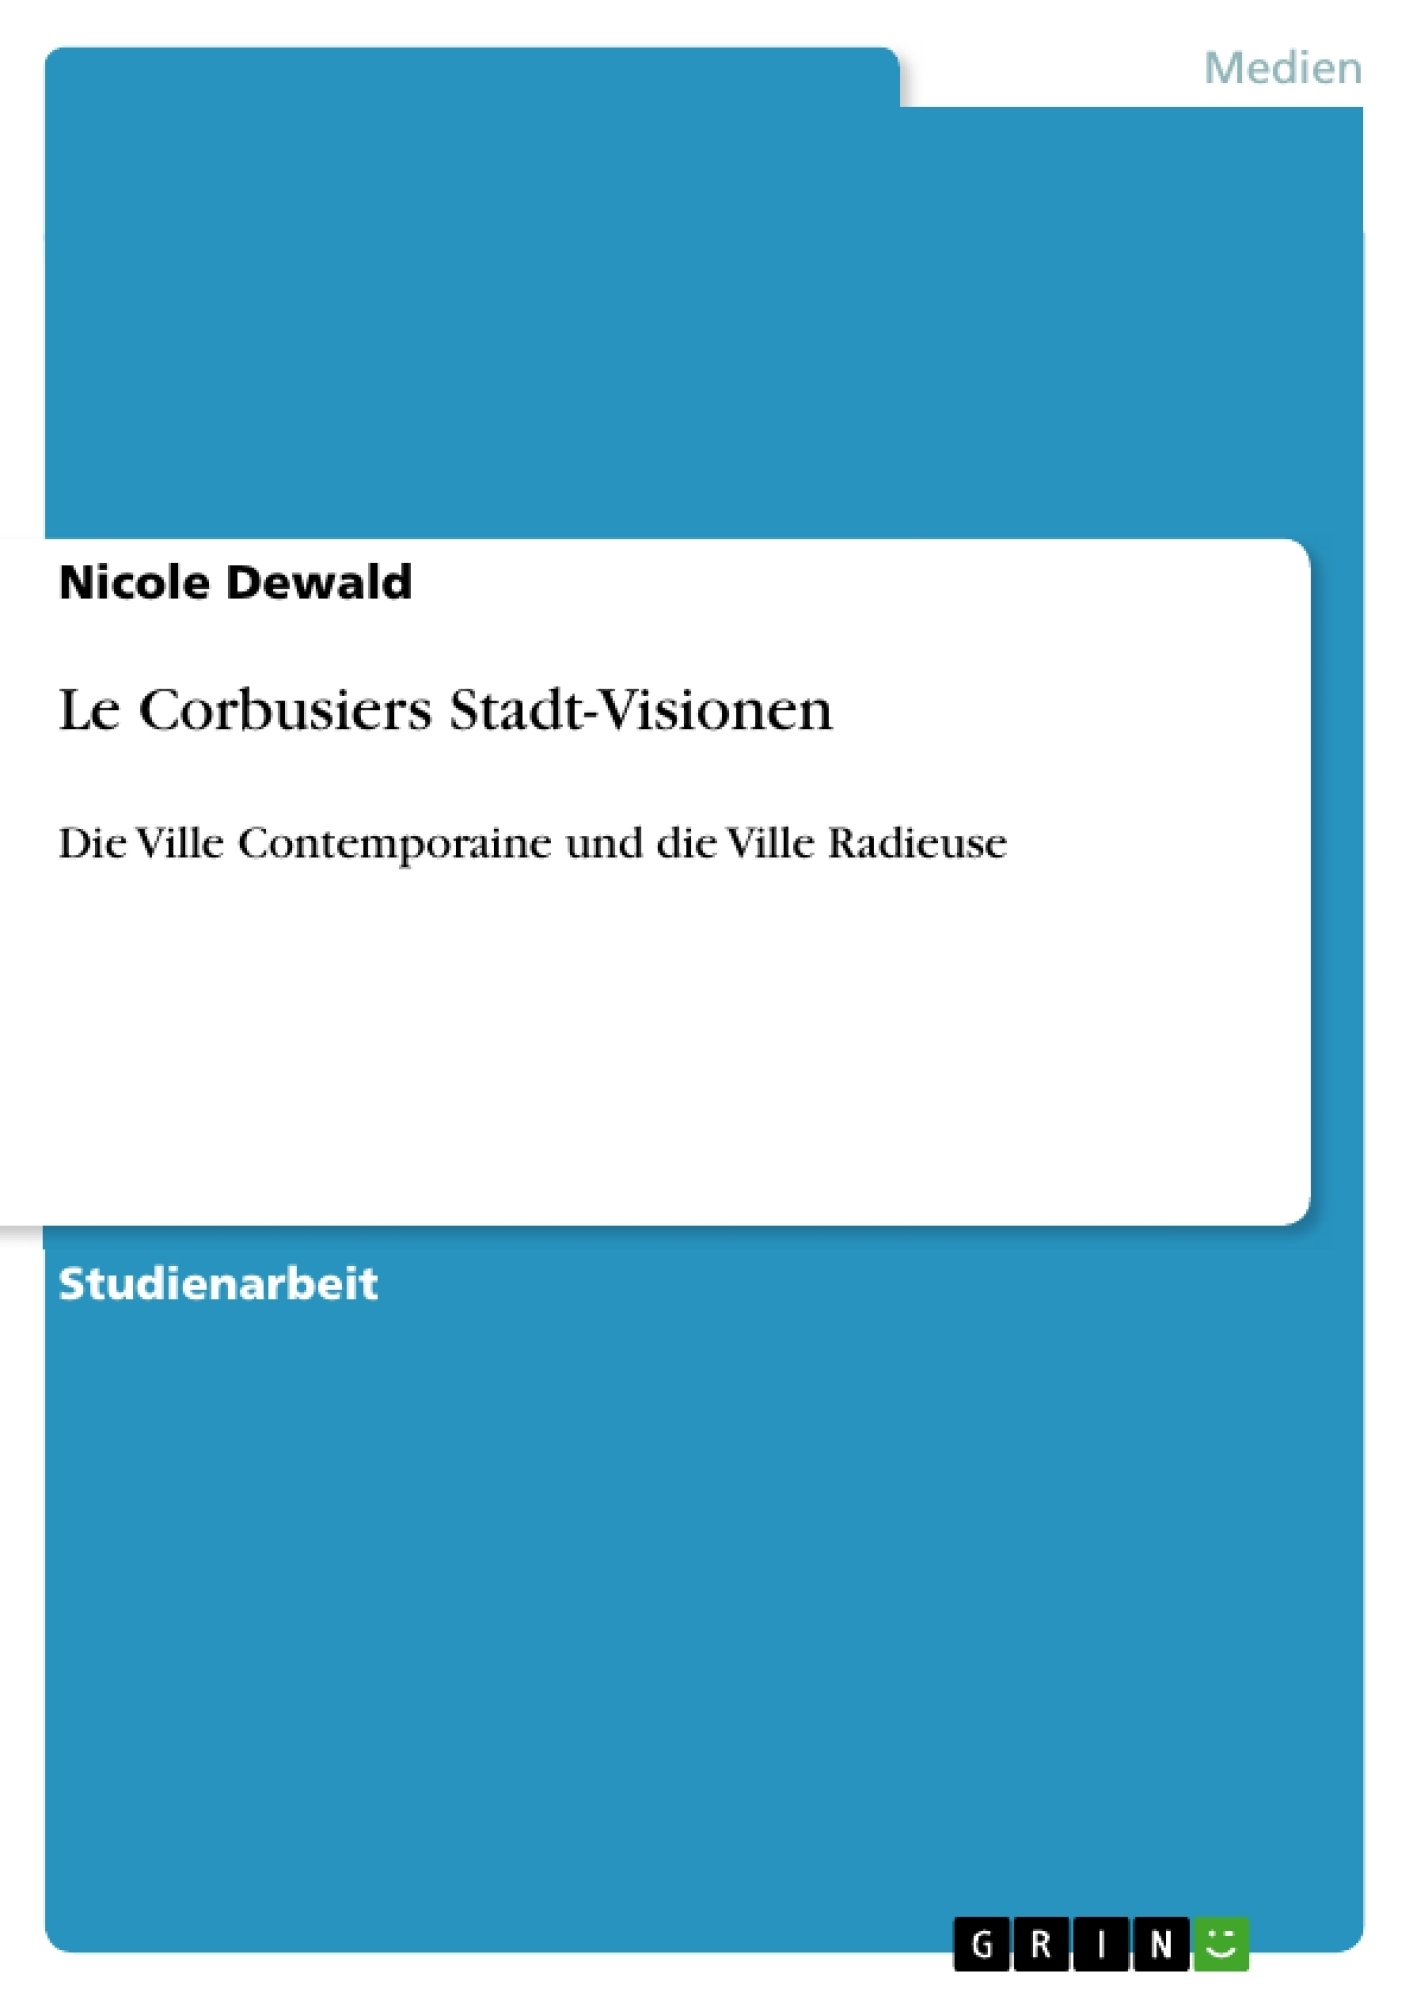 Titel: Le Corbusiers Stadt-Visionen